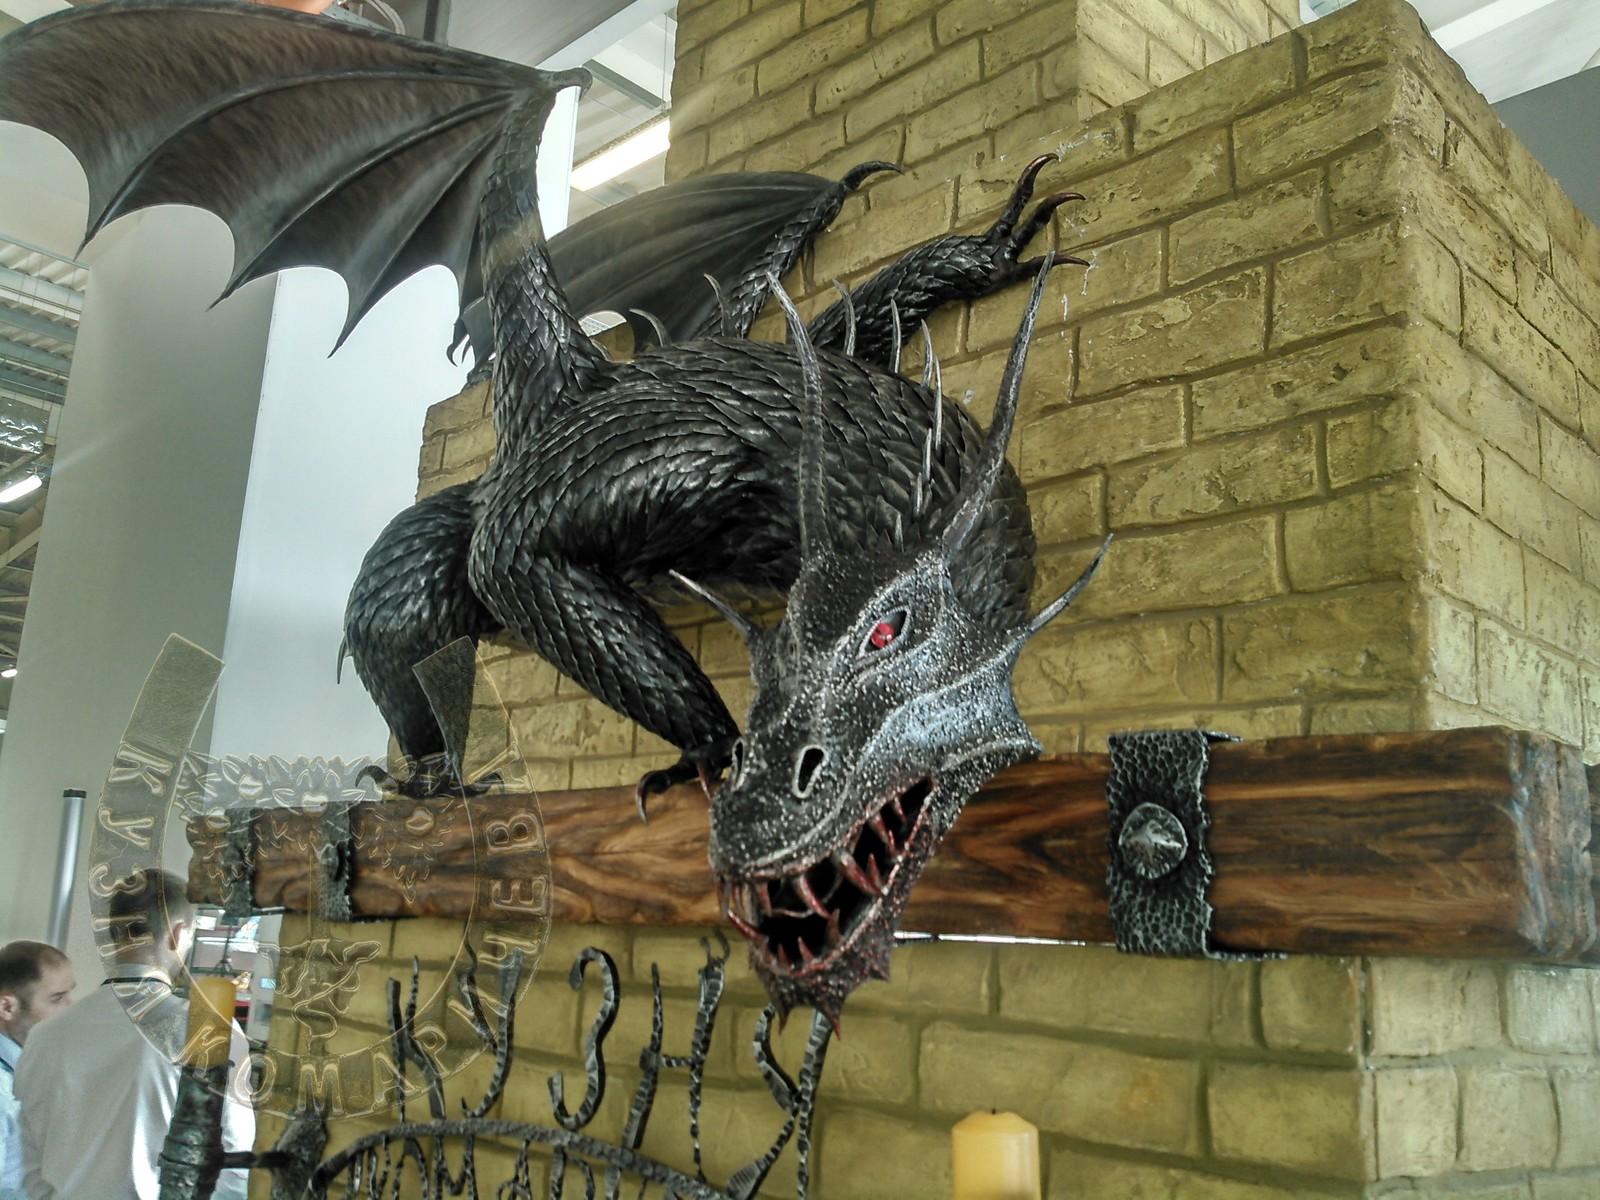 Цельнокованый дракон. Дата изготовления 2018 год